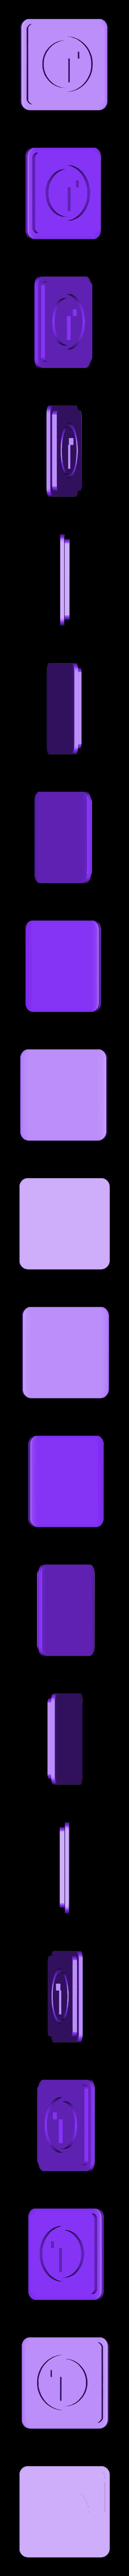 Thingiverse.stl Télécharger fichier STL gratuit Logo de l'univers • Plan pour imprimante 3D, isaac7437